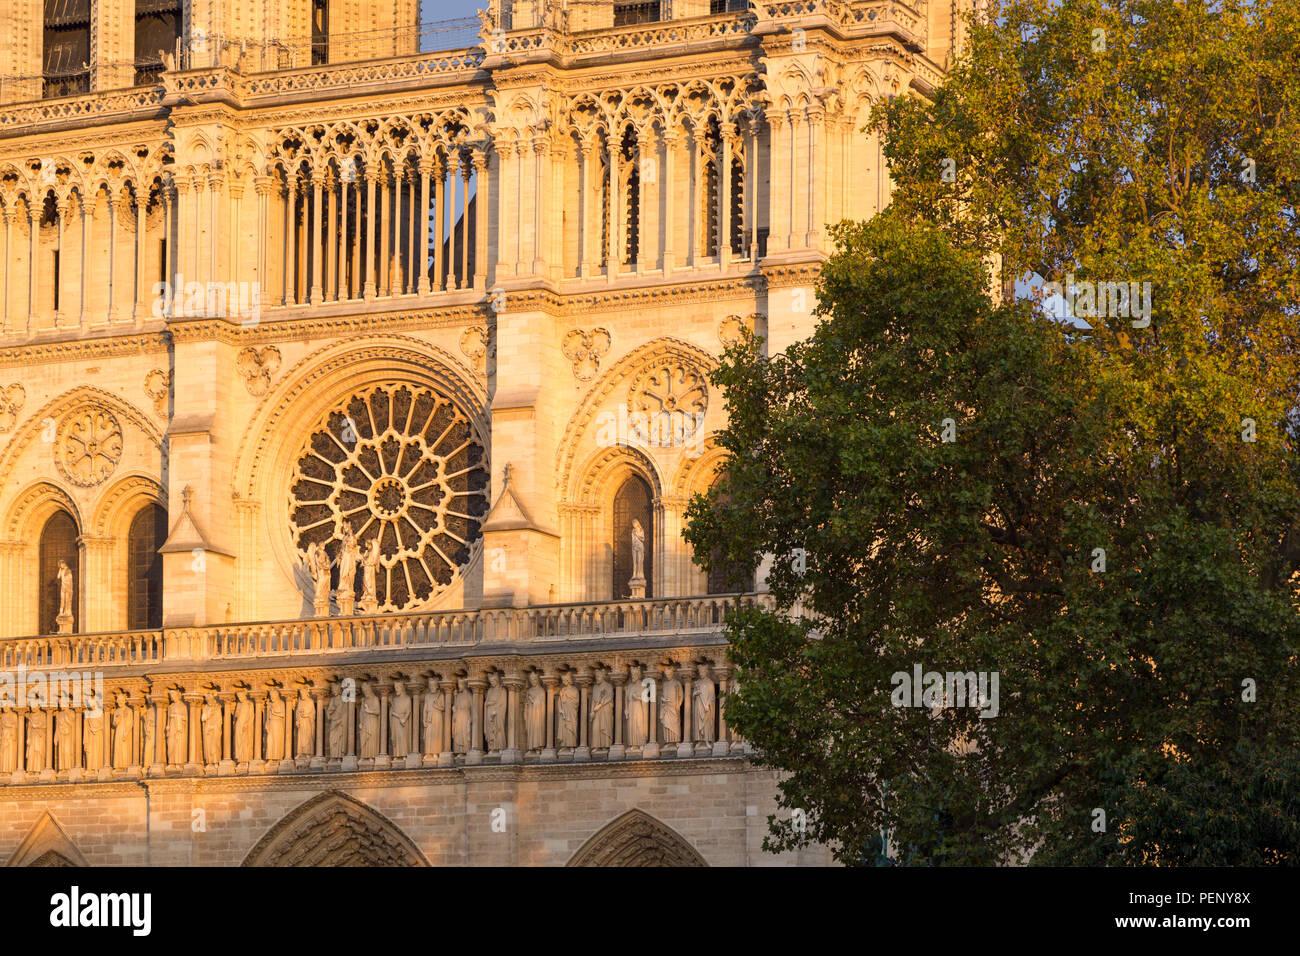 Festlegen von Sonnenlicht auf die Fassade der Kathedrale Notre Dame, Paris, Frankreich Stockfoto